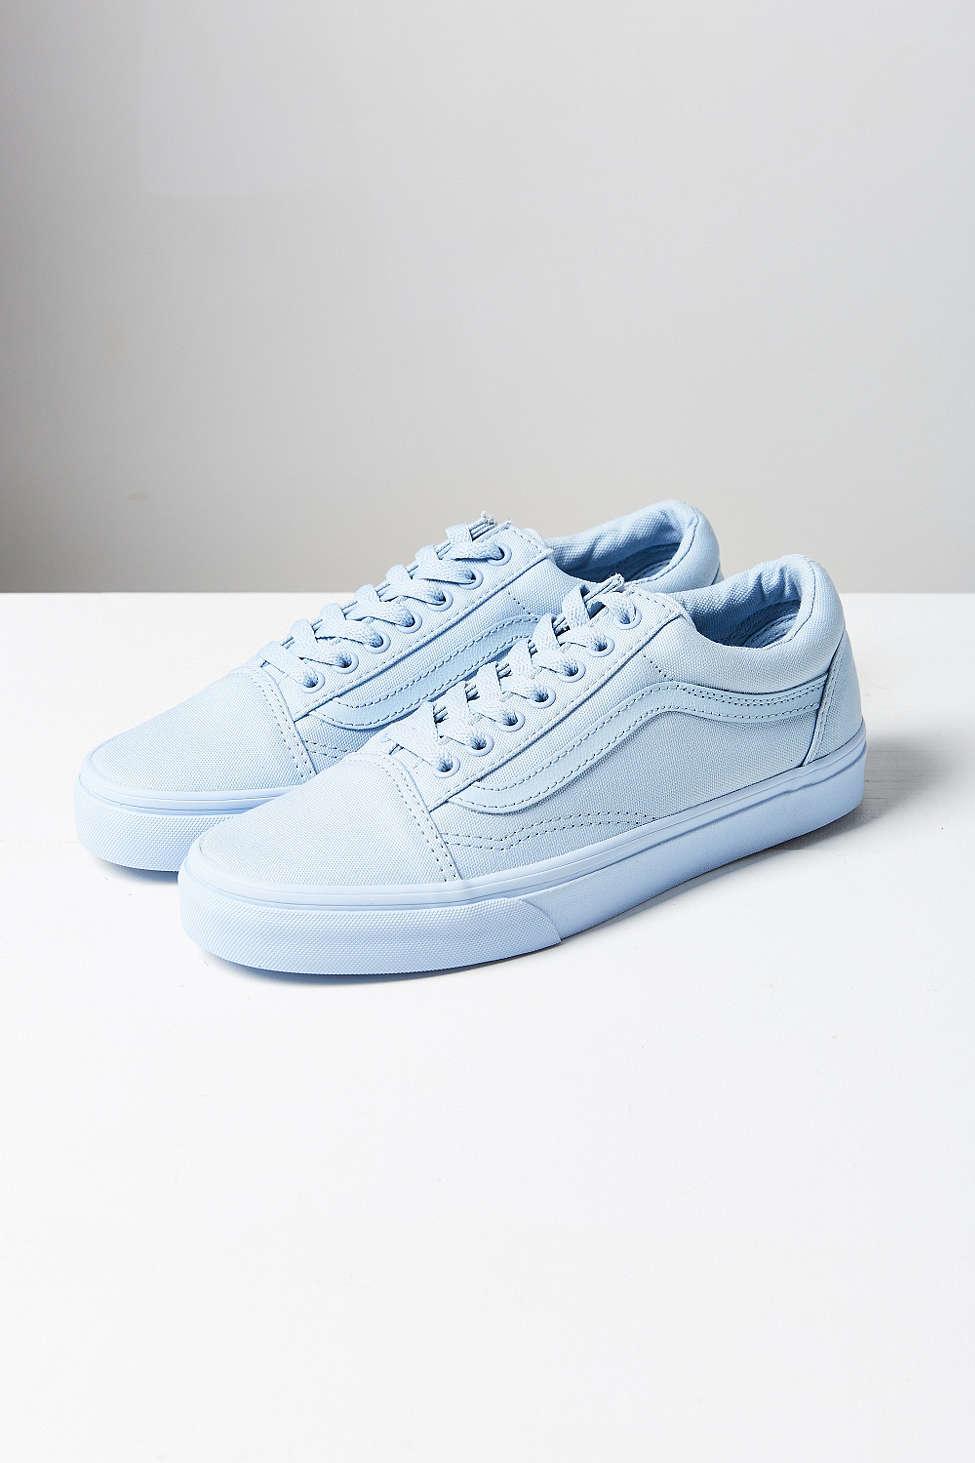 6e6f234669e179 F8eb7 Kicks Blue Skool Vans Old 6bbd8 Sky 4xTqd7x